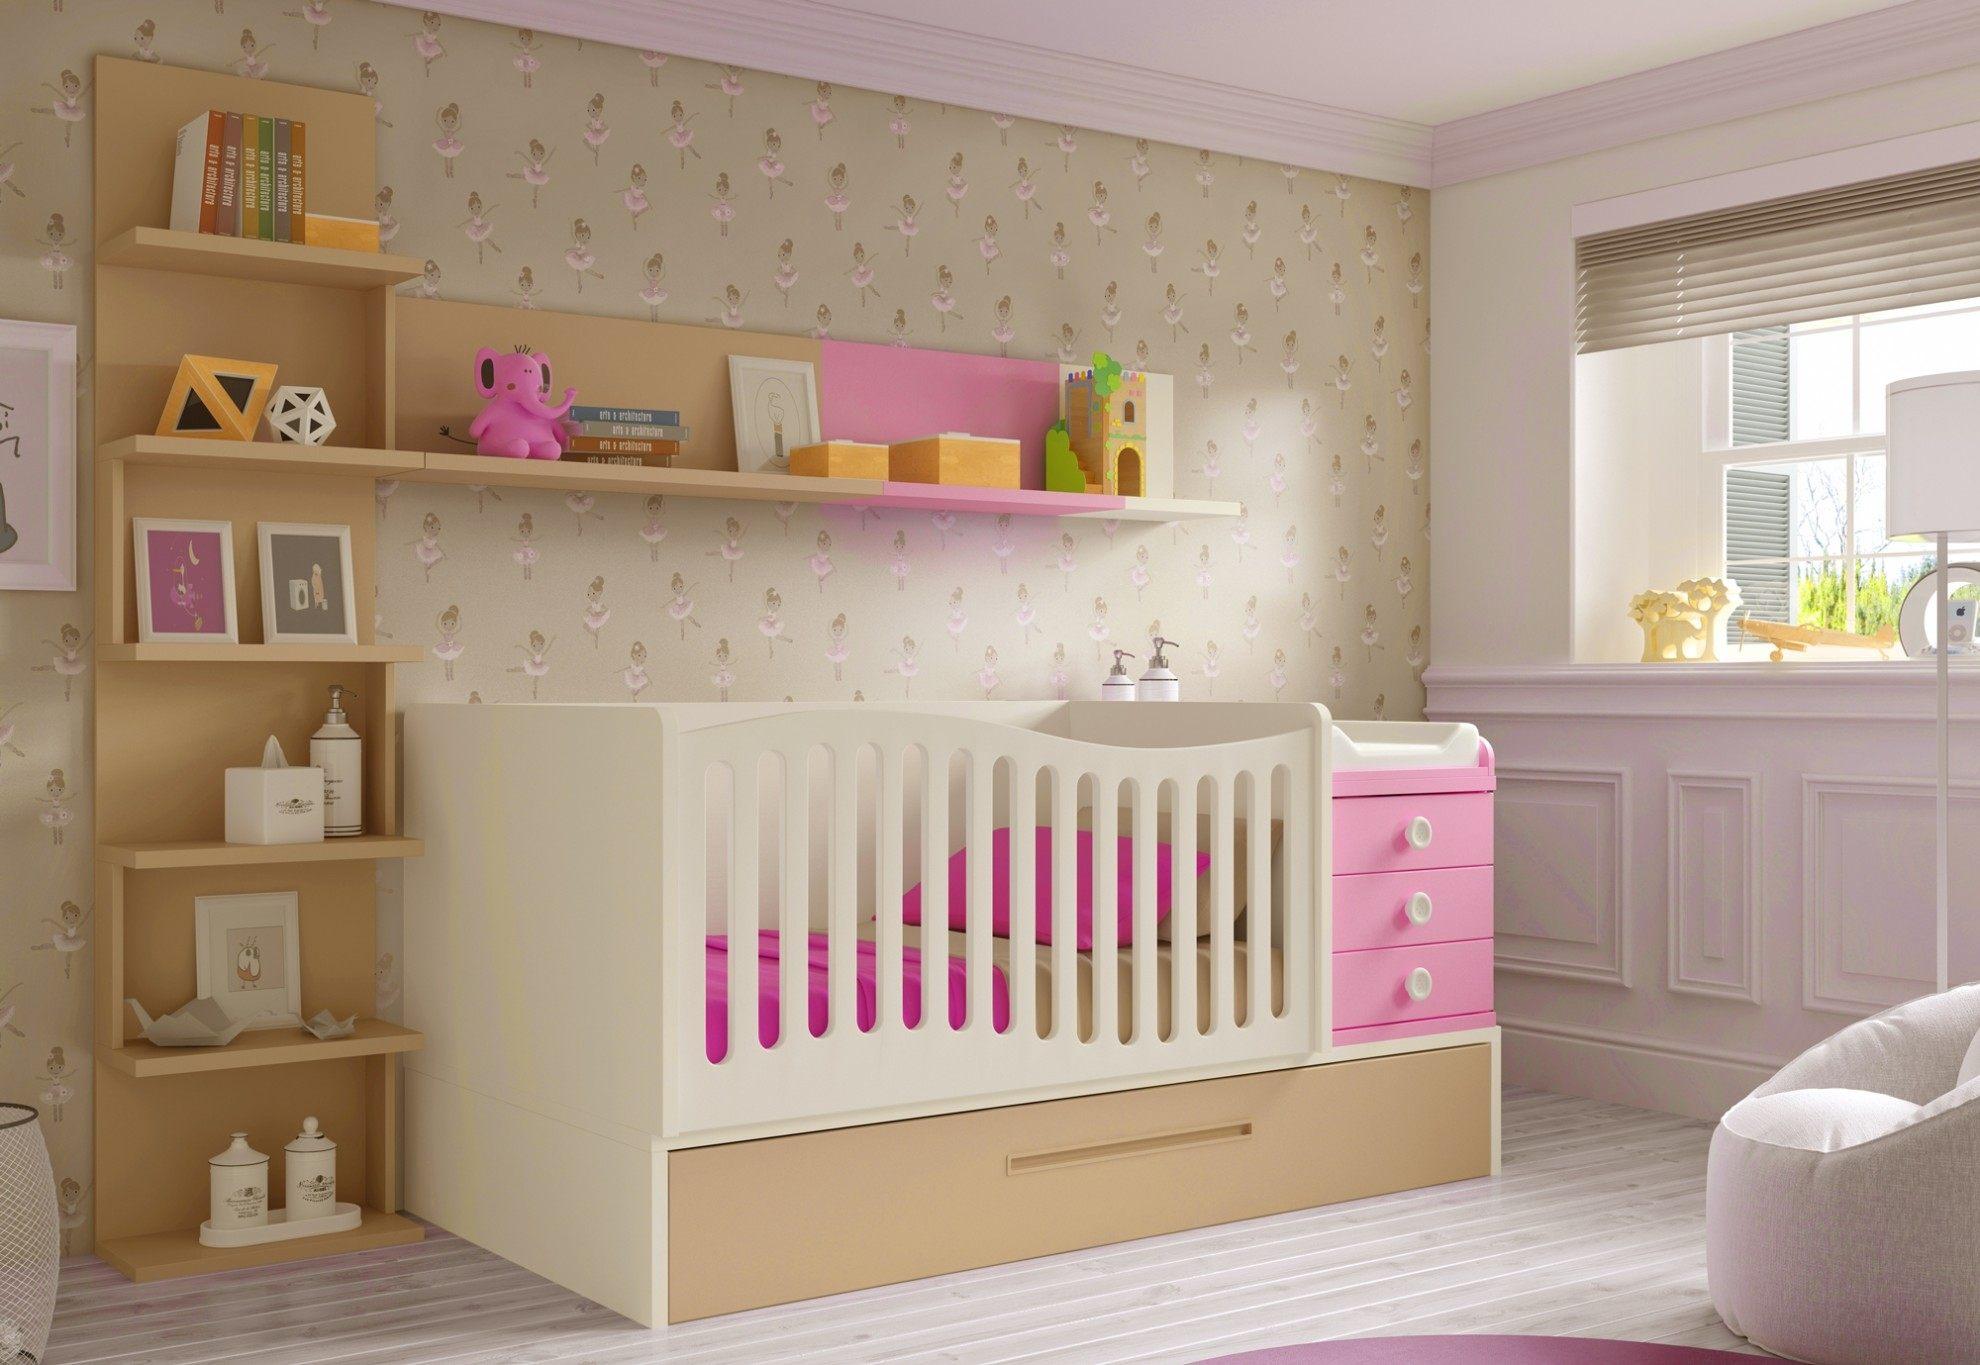 Lit Bébé Berceau Beau Lesmeubles Meuble Chambre Bébé — Lesmeubles